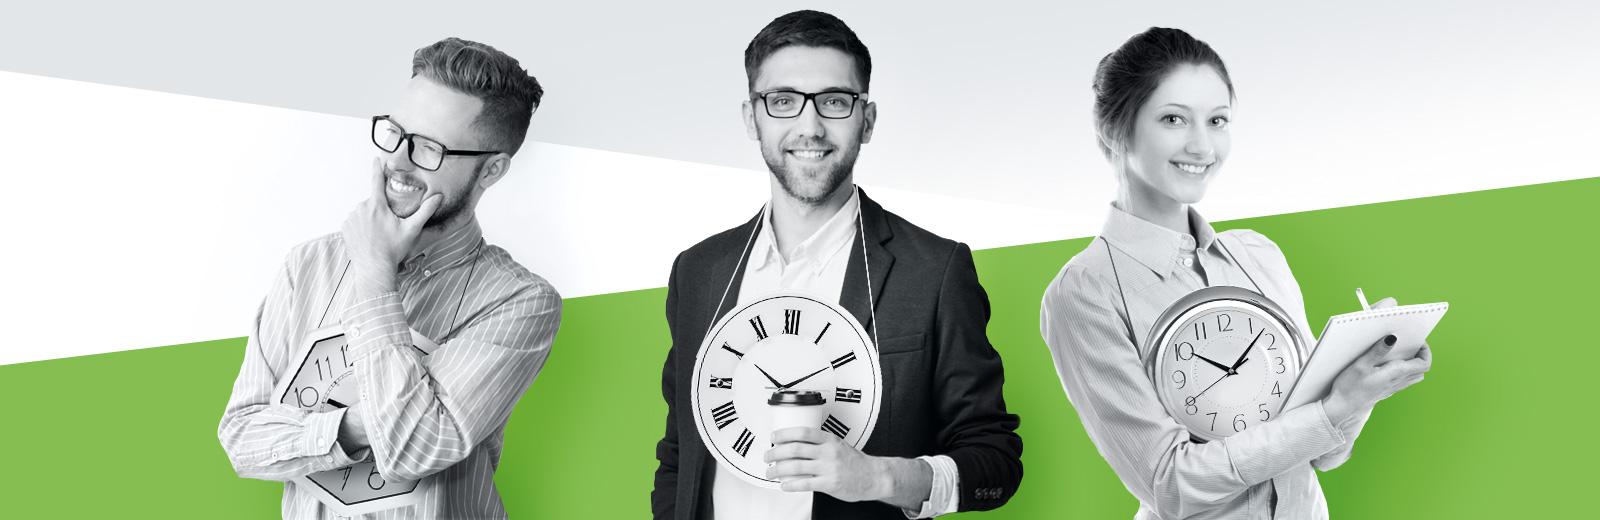 Тайм-менеджмент для персонала: организовываем рабочее время сотрудников